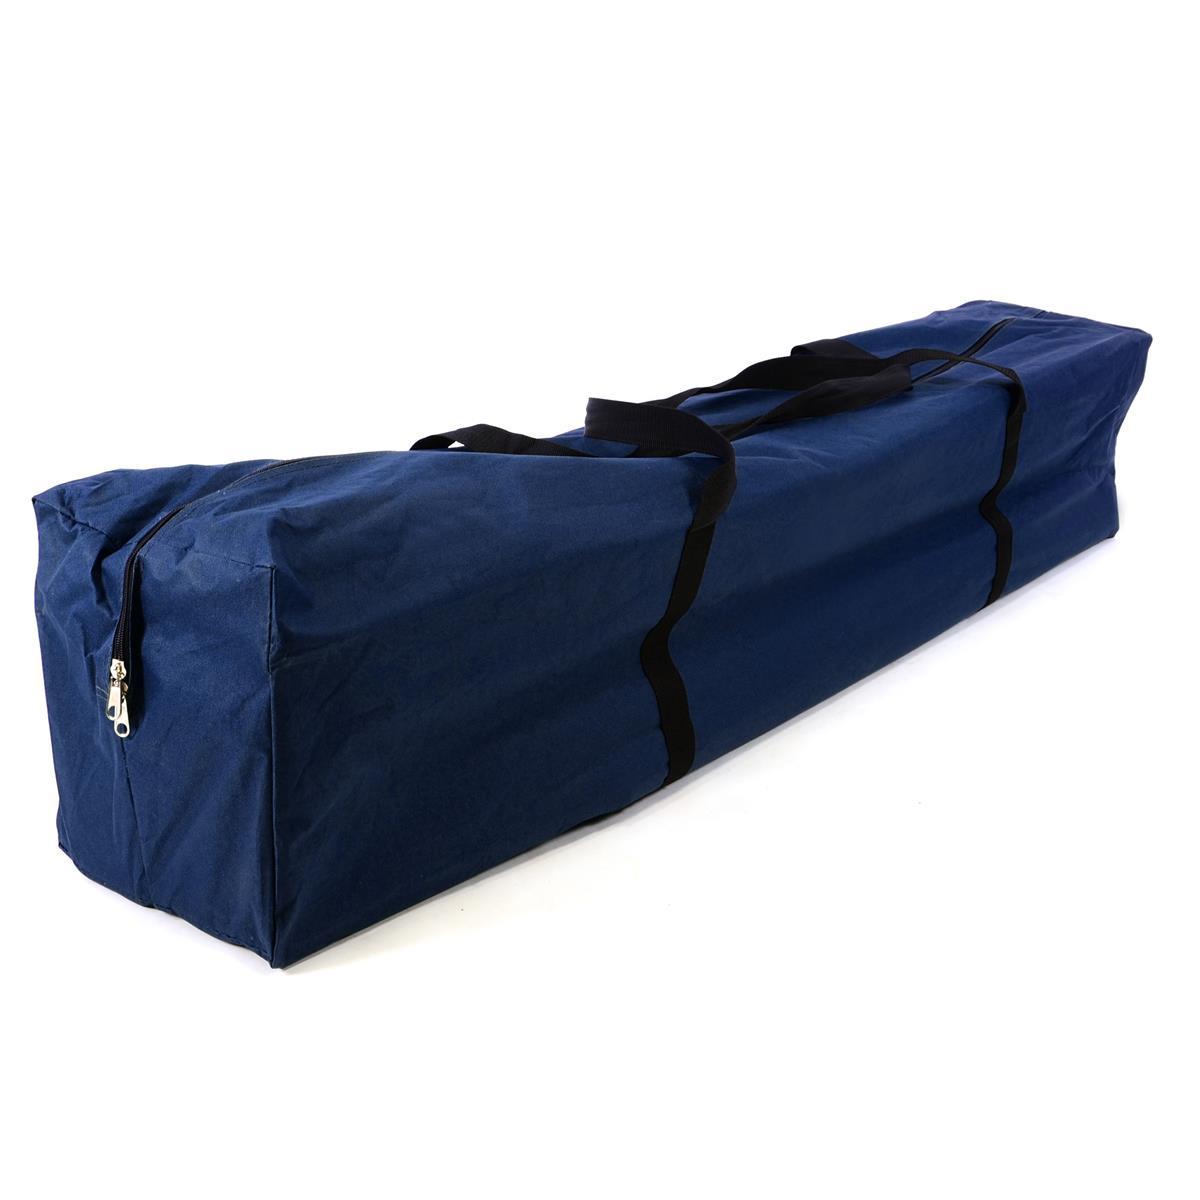 Tragetasche Zelt-Tasche Transporttasche für Falt Pavillon Partyzelt 28 x 28 x 15